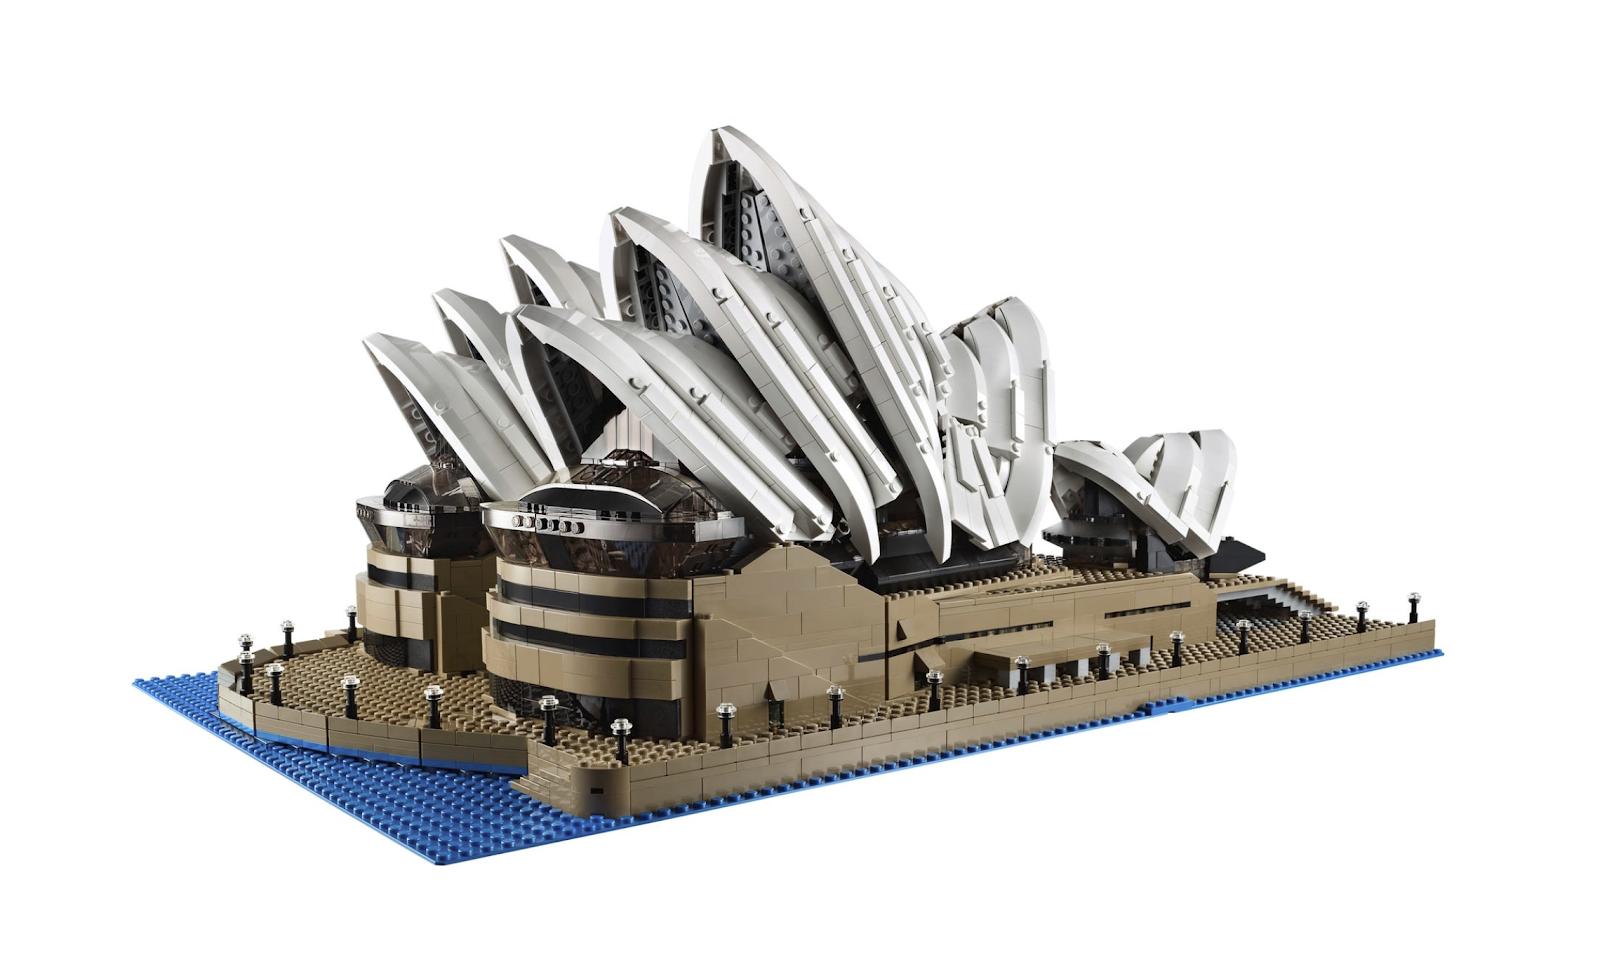 悉尼歌剧院 Sydney Opera House(10234)